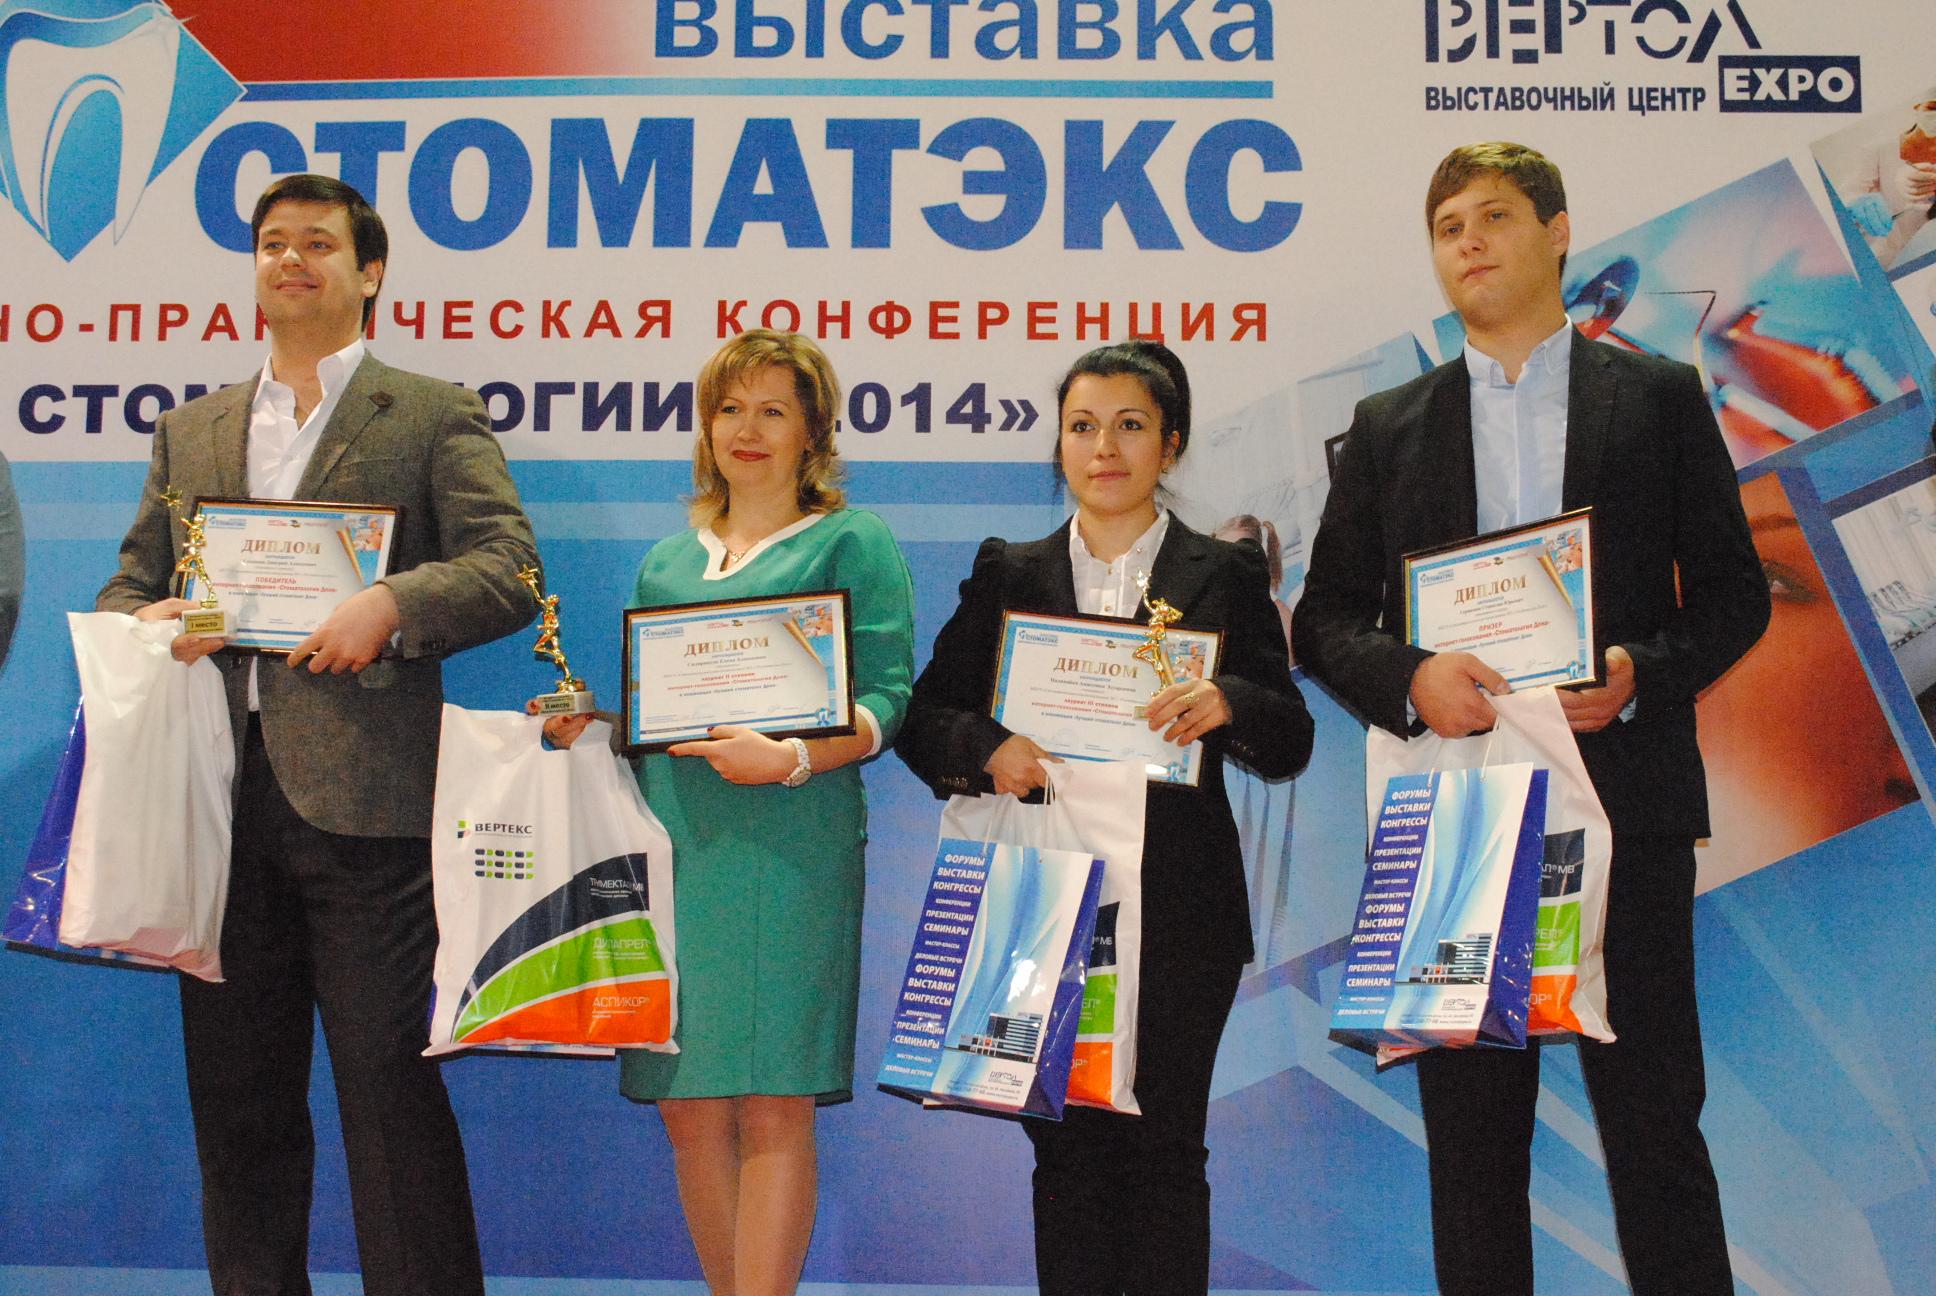 Жители Ростова-на-Дону выберут лучшего зубного врача